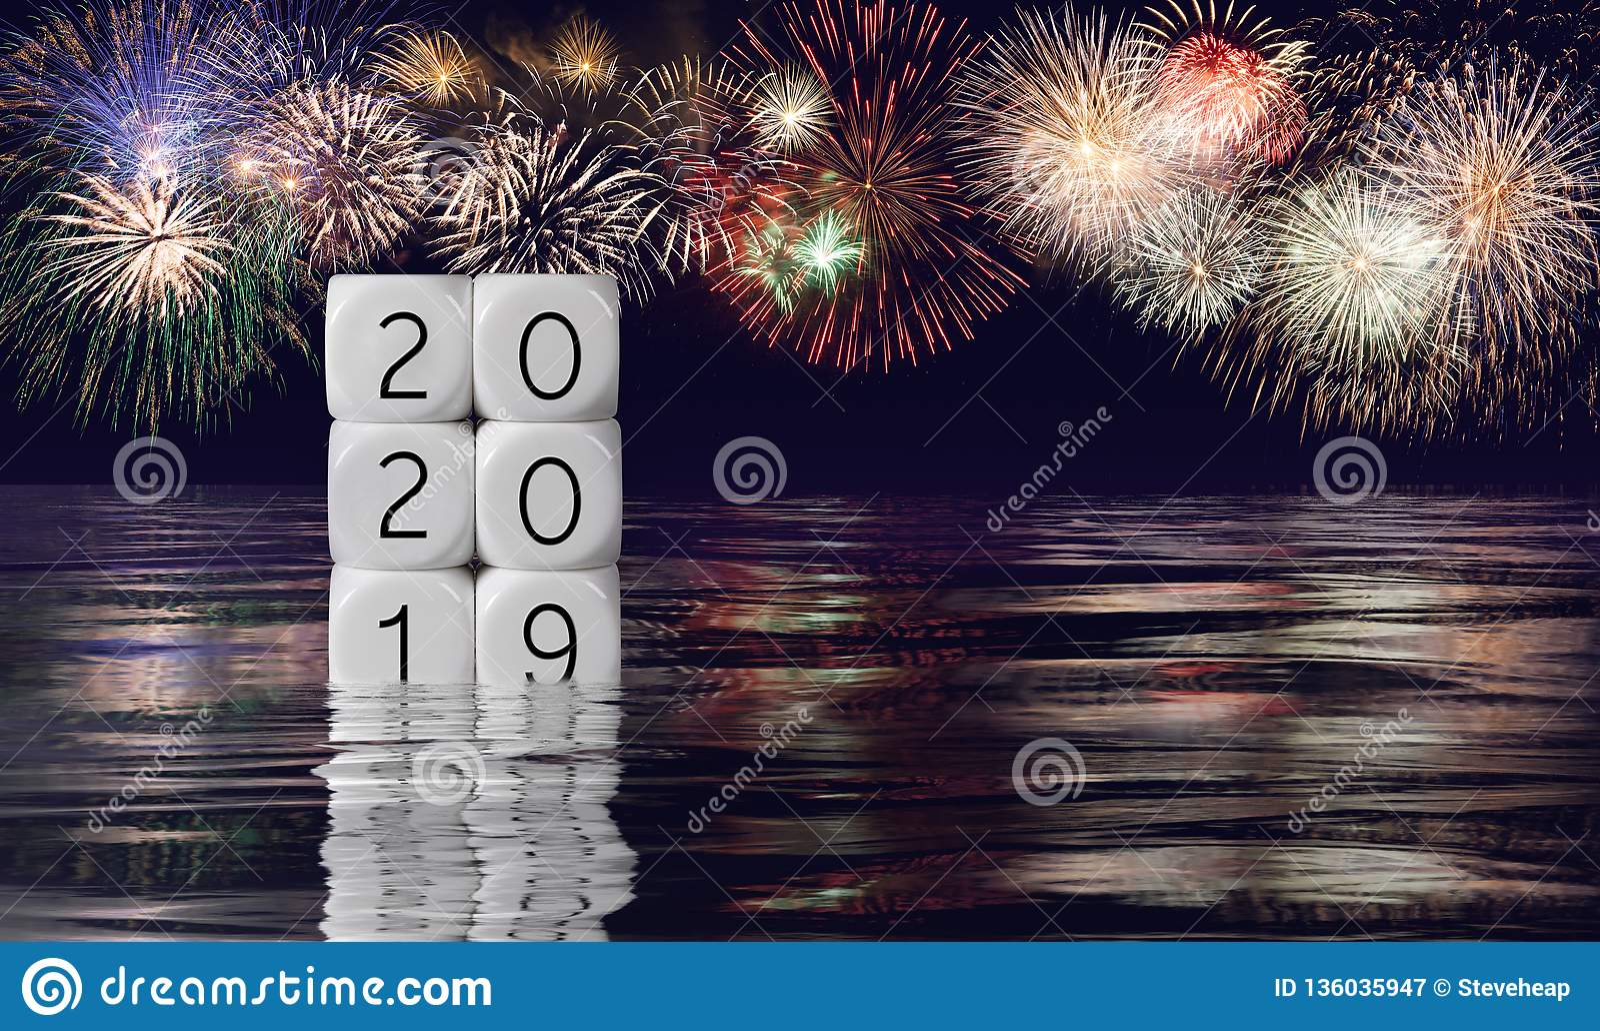 Zusammensetzung von Feuerwerken und von Kalender für einen 2020-Neujahrsfeiertag-Hintergrund